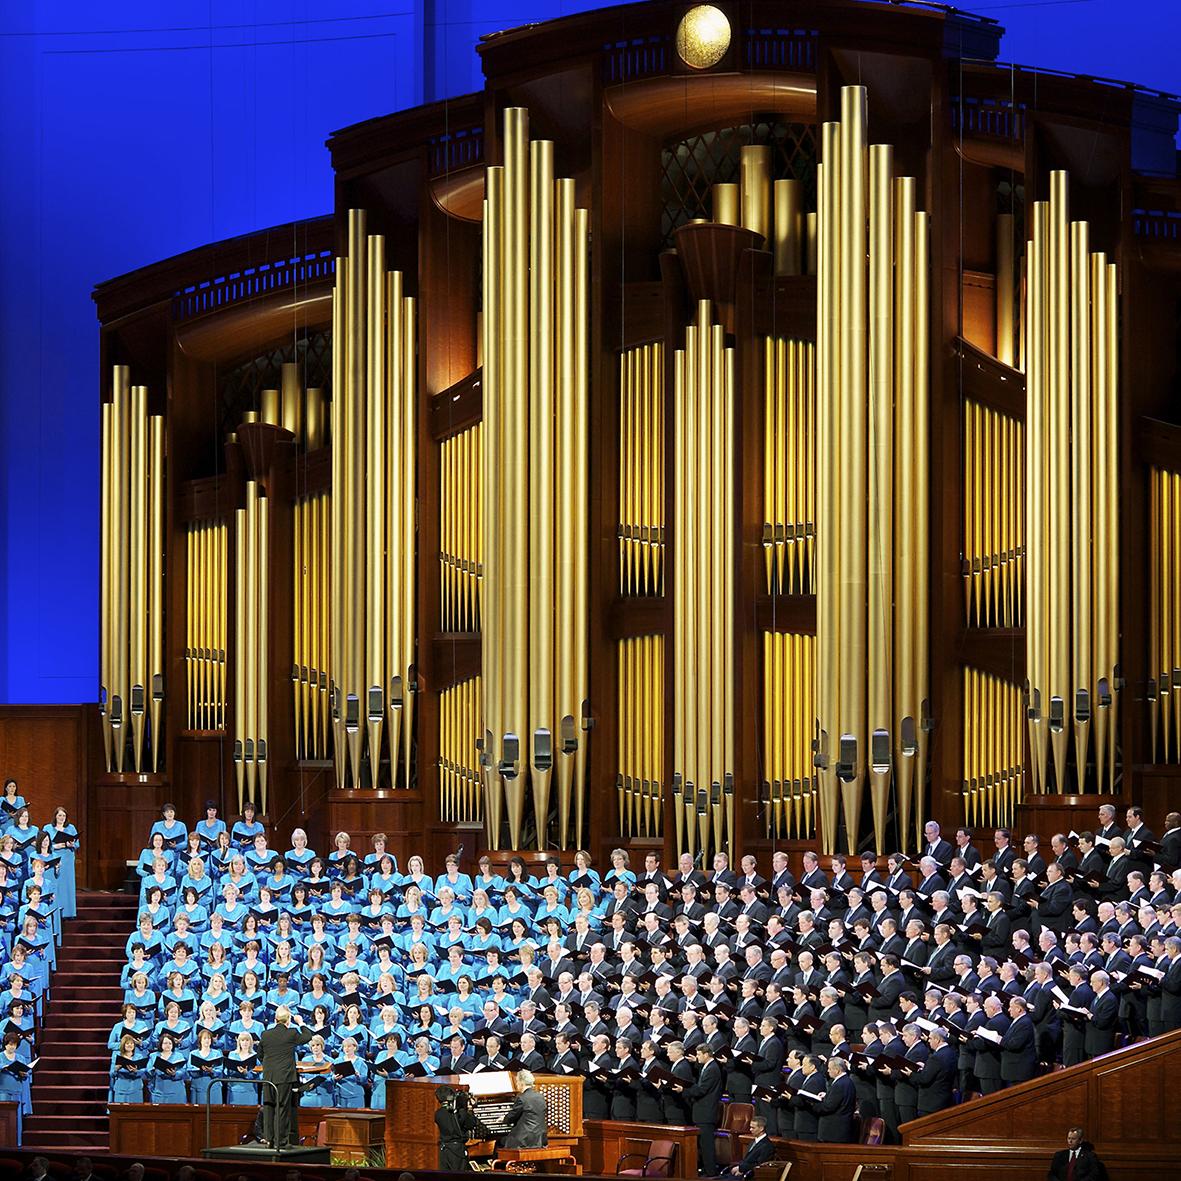 世界最大規模のバーチュアル「ハレルヤ」コーラスが演奏された